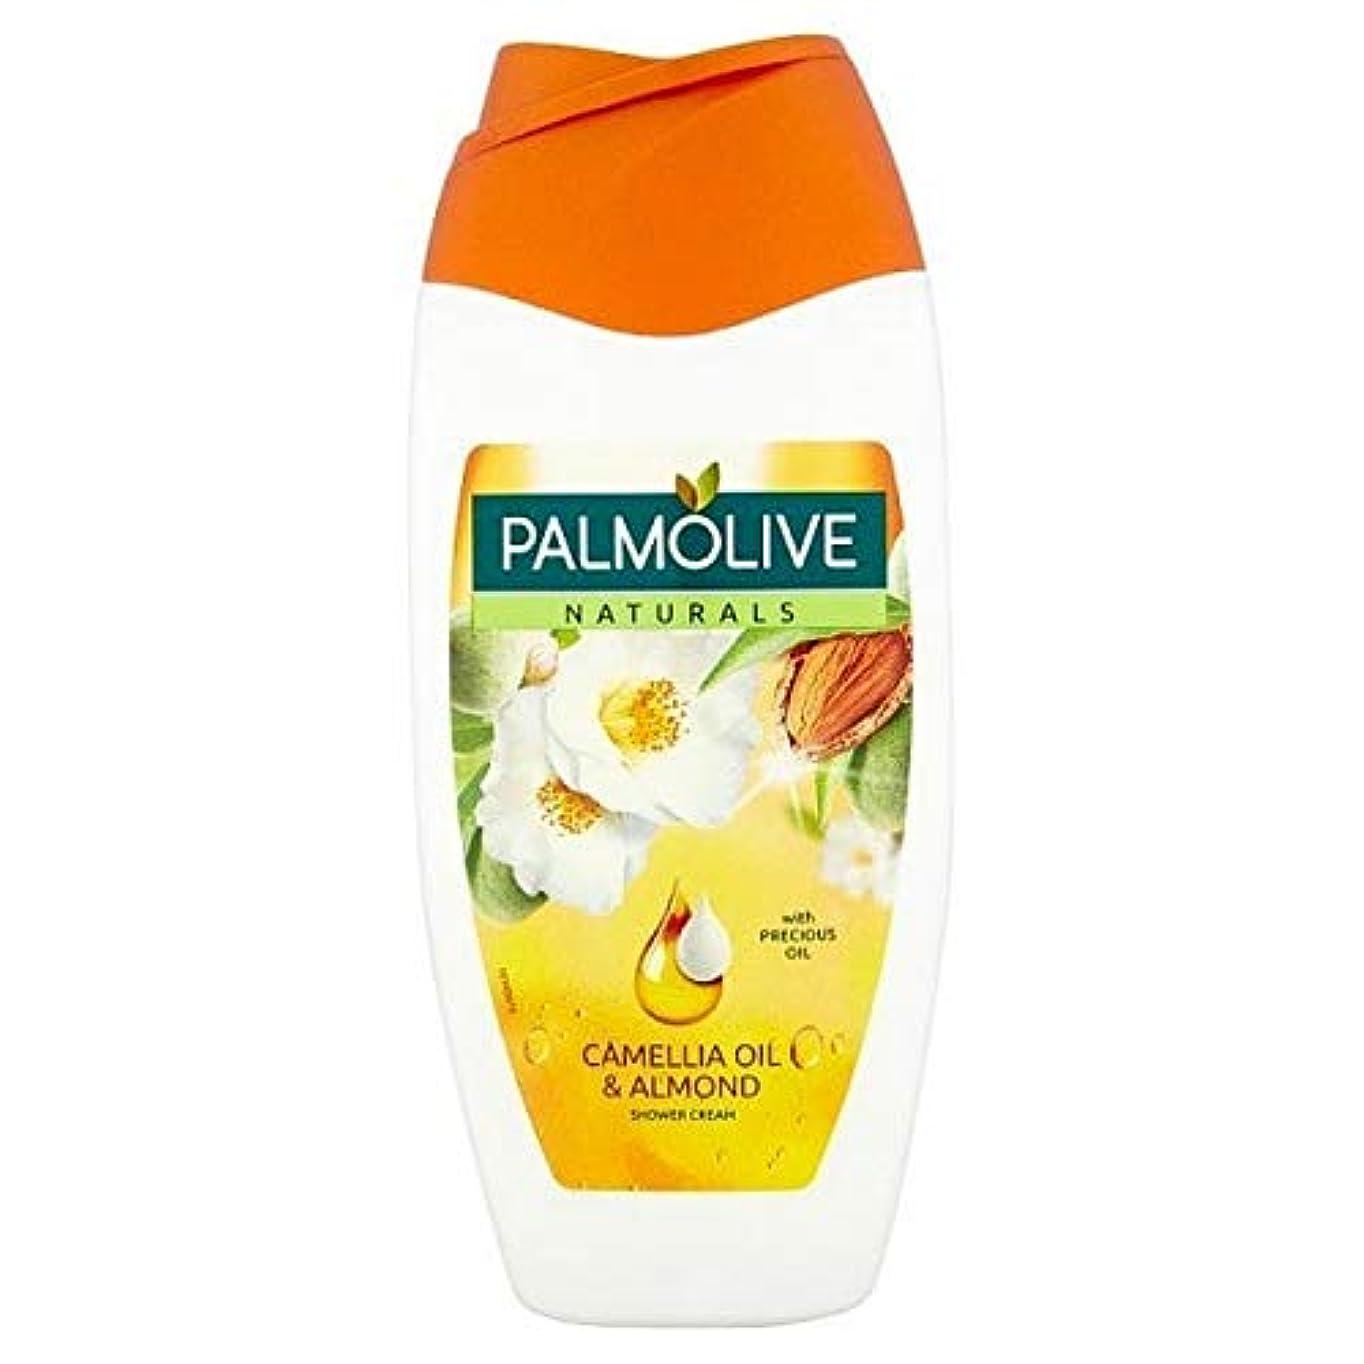 きゅうり閃光脅威[Palmolive ] パルモナチュラル椿油&アーモンドシャワージェル250ミリリットル - Palmolive Naturals Camellia Oil & Almond Shower Gel 250ml [並行輸入品]